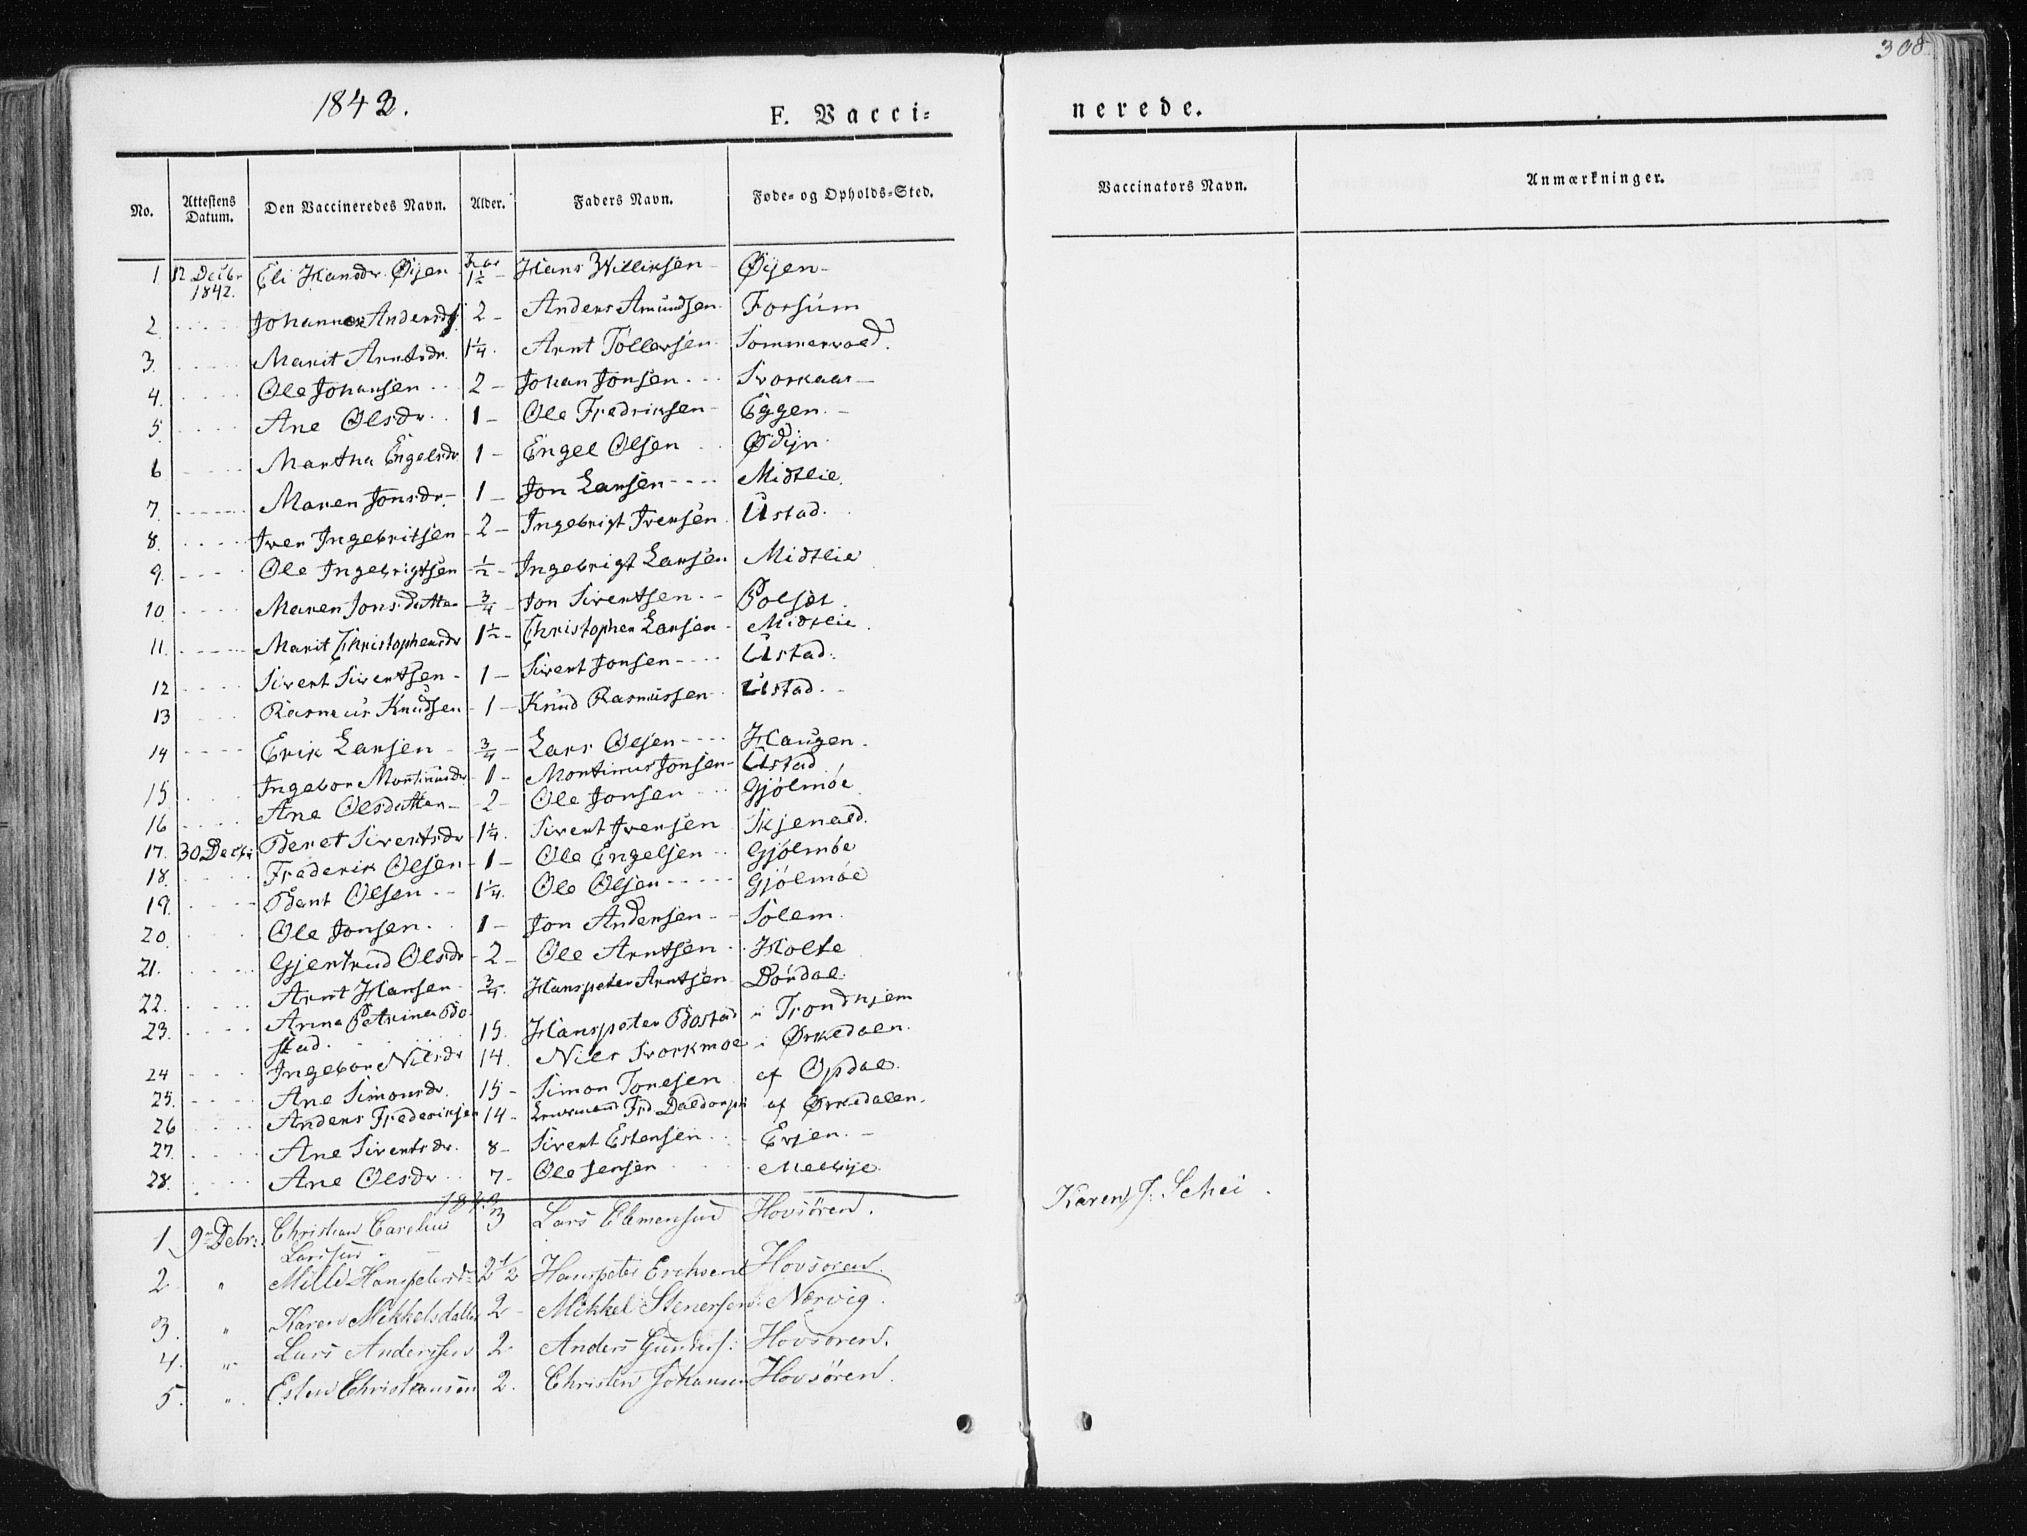 SAT, Ministerialprotokoller, klokkerbøker og fødselsregistre - Sør-Trøndelag, 668/L0805: Ministerialbok nr. 668A05, 1840-1853, s. 308